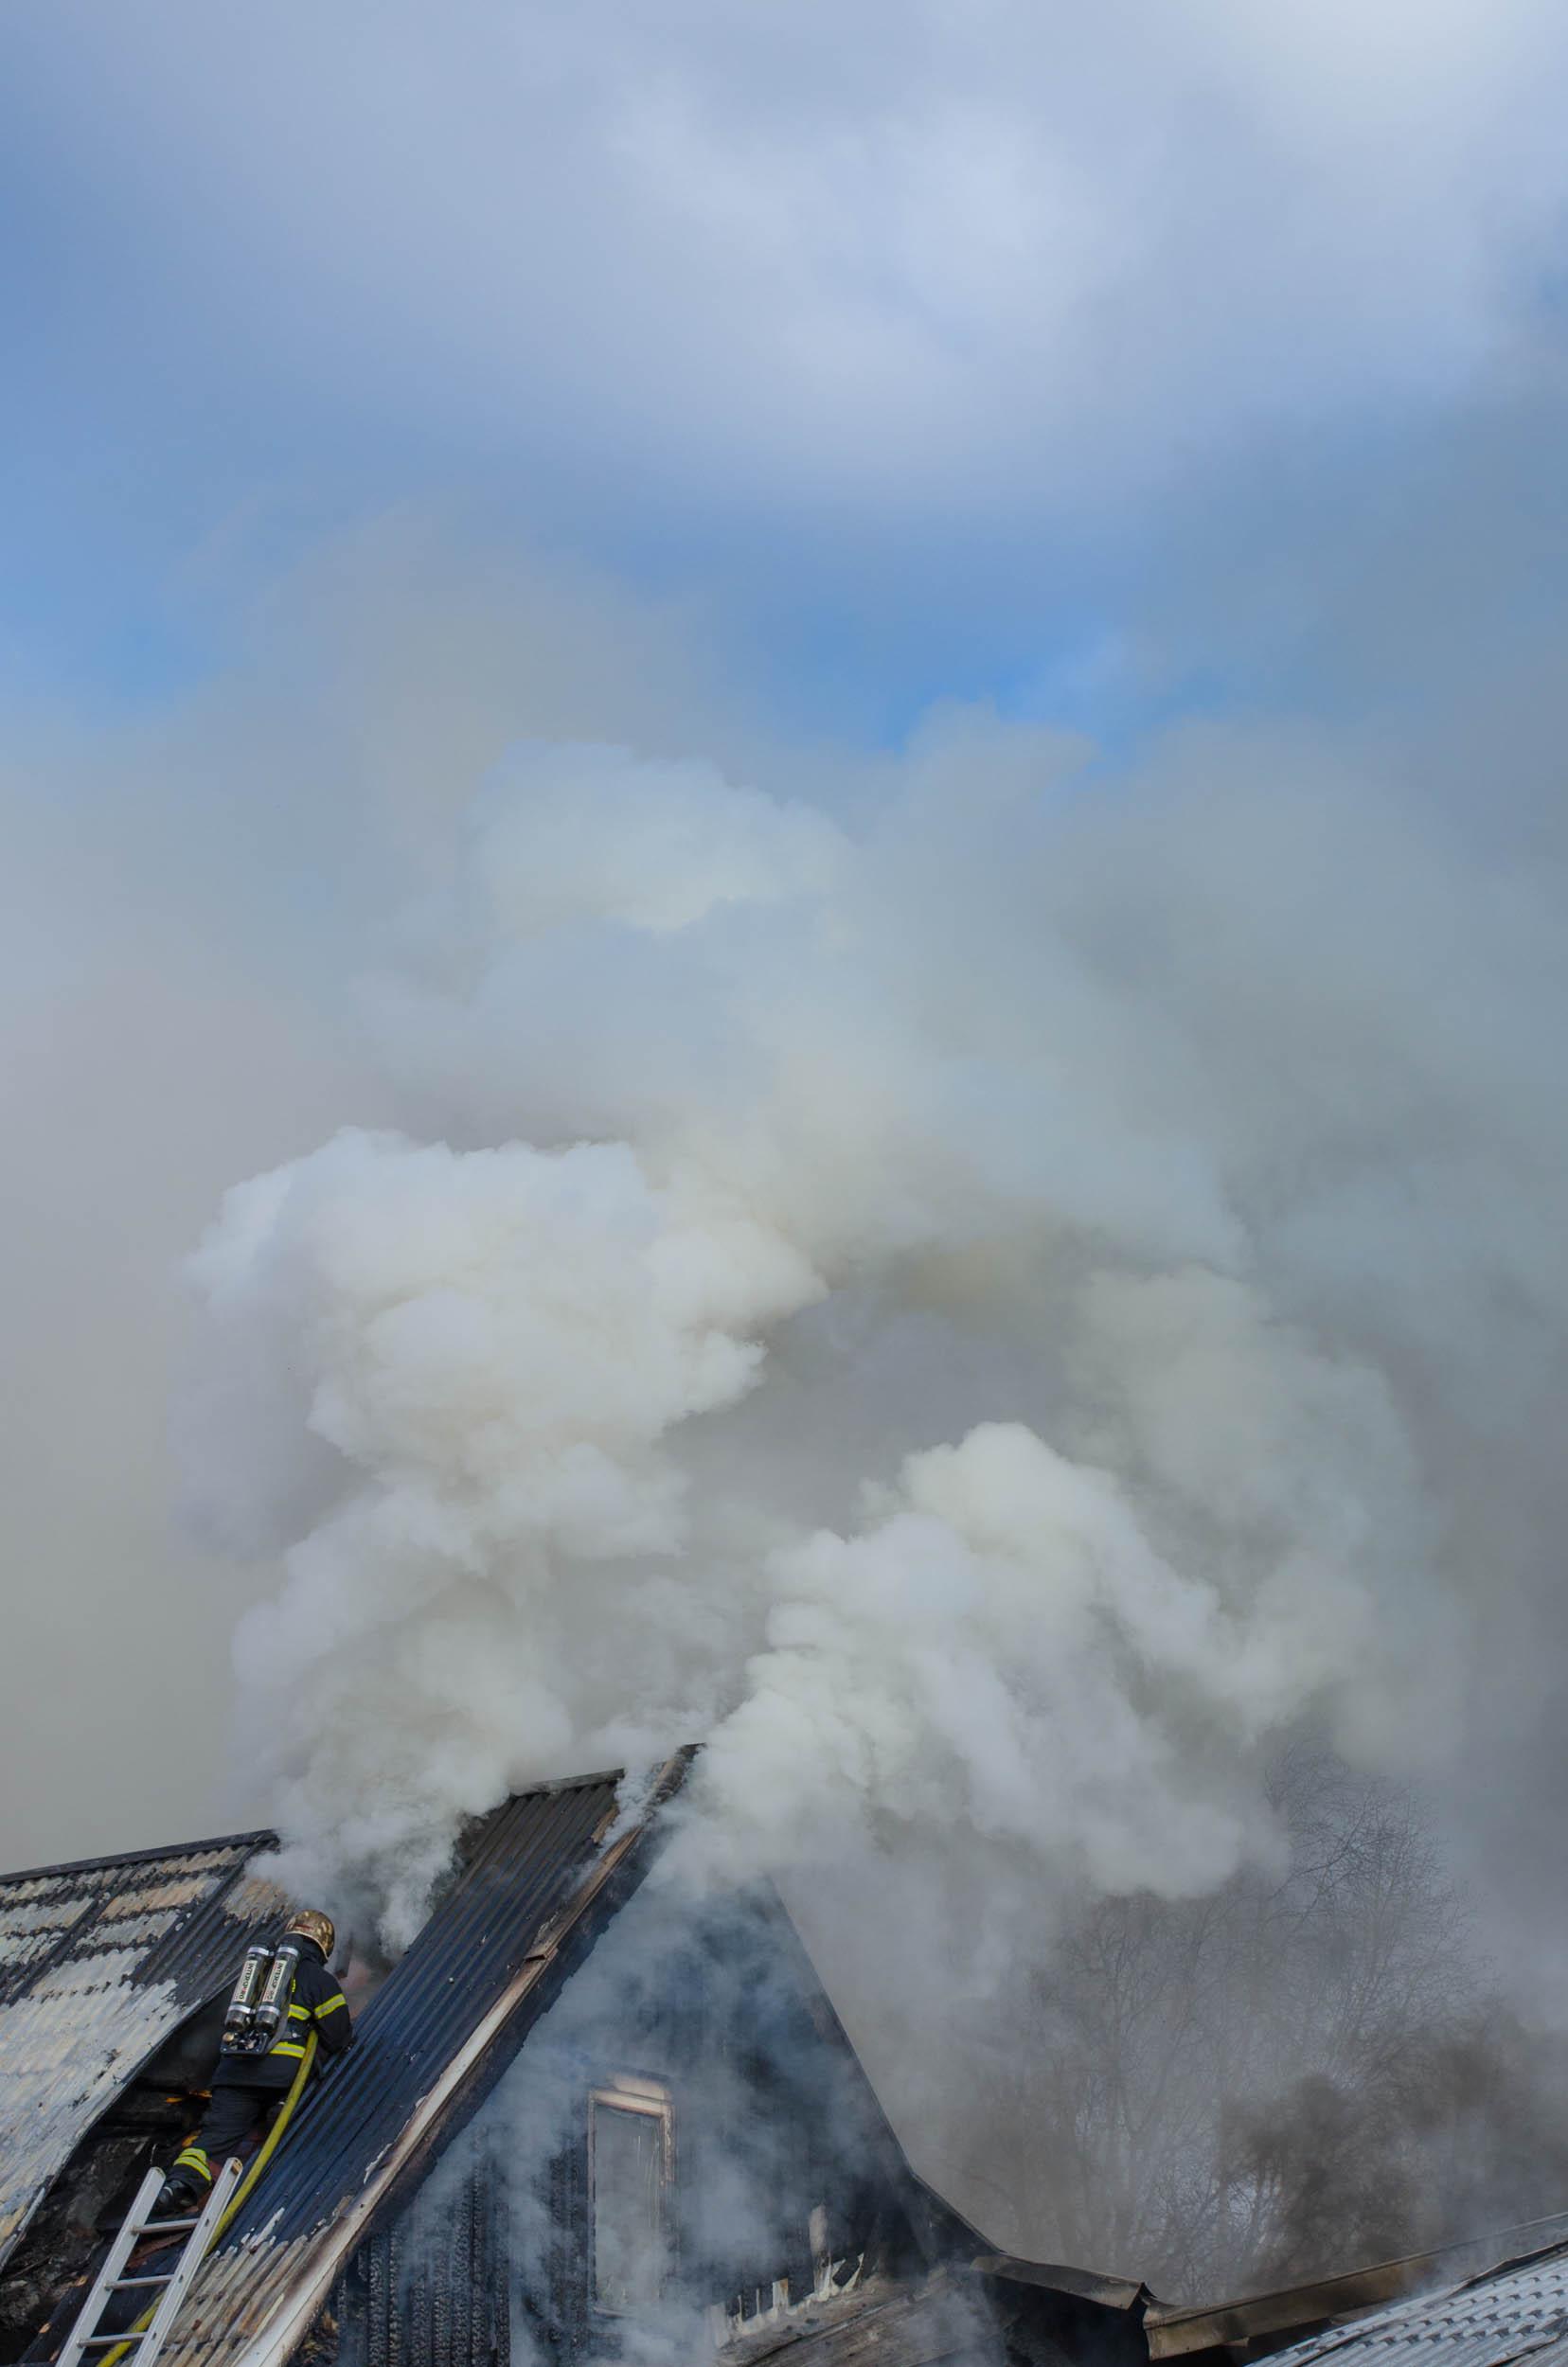 Brand Morotsvägen Sävast